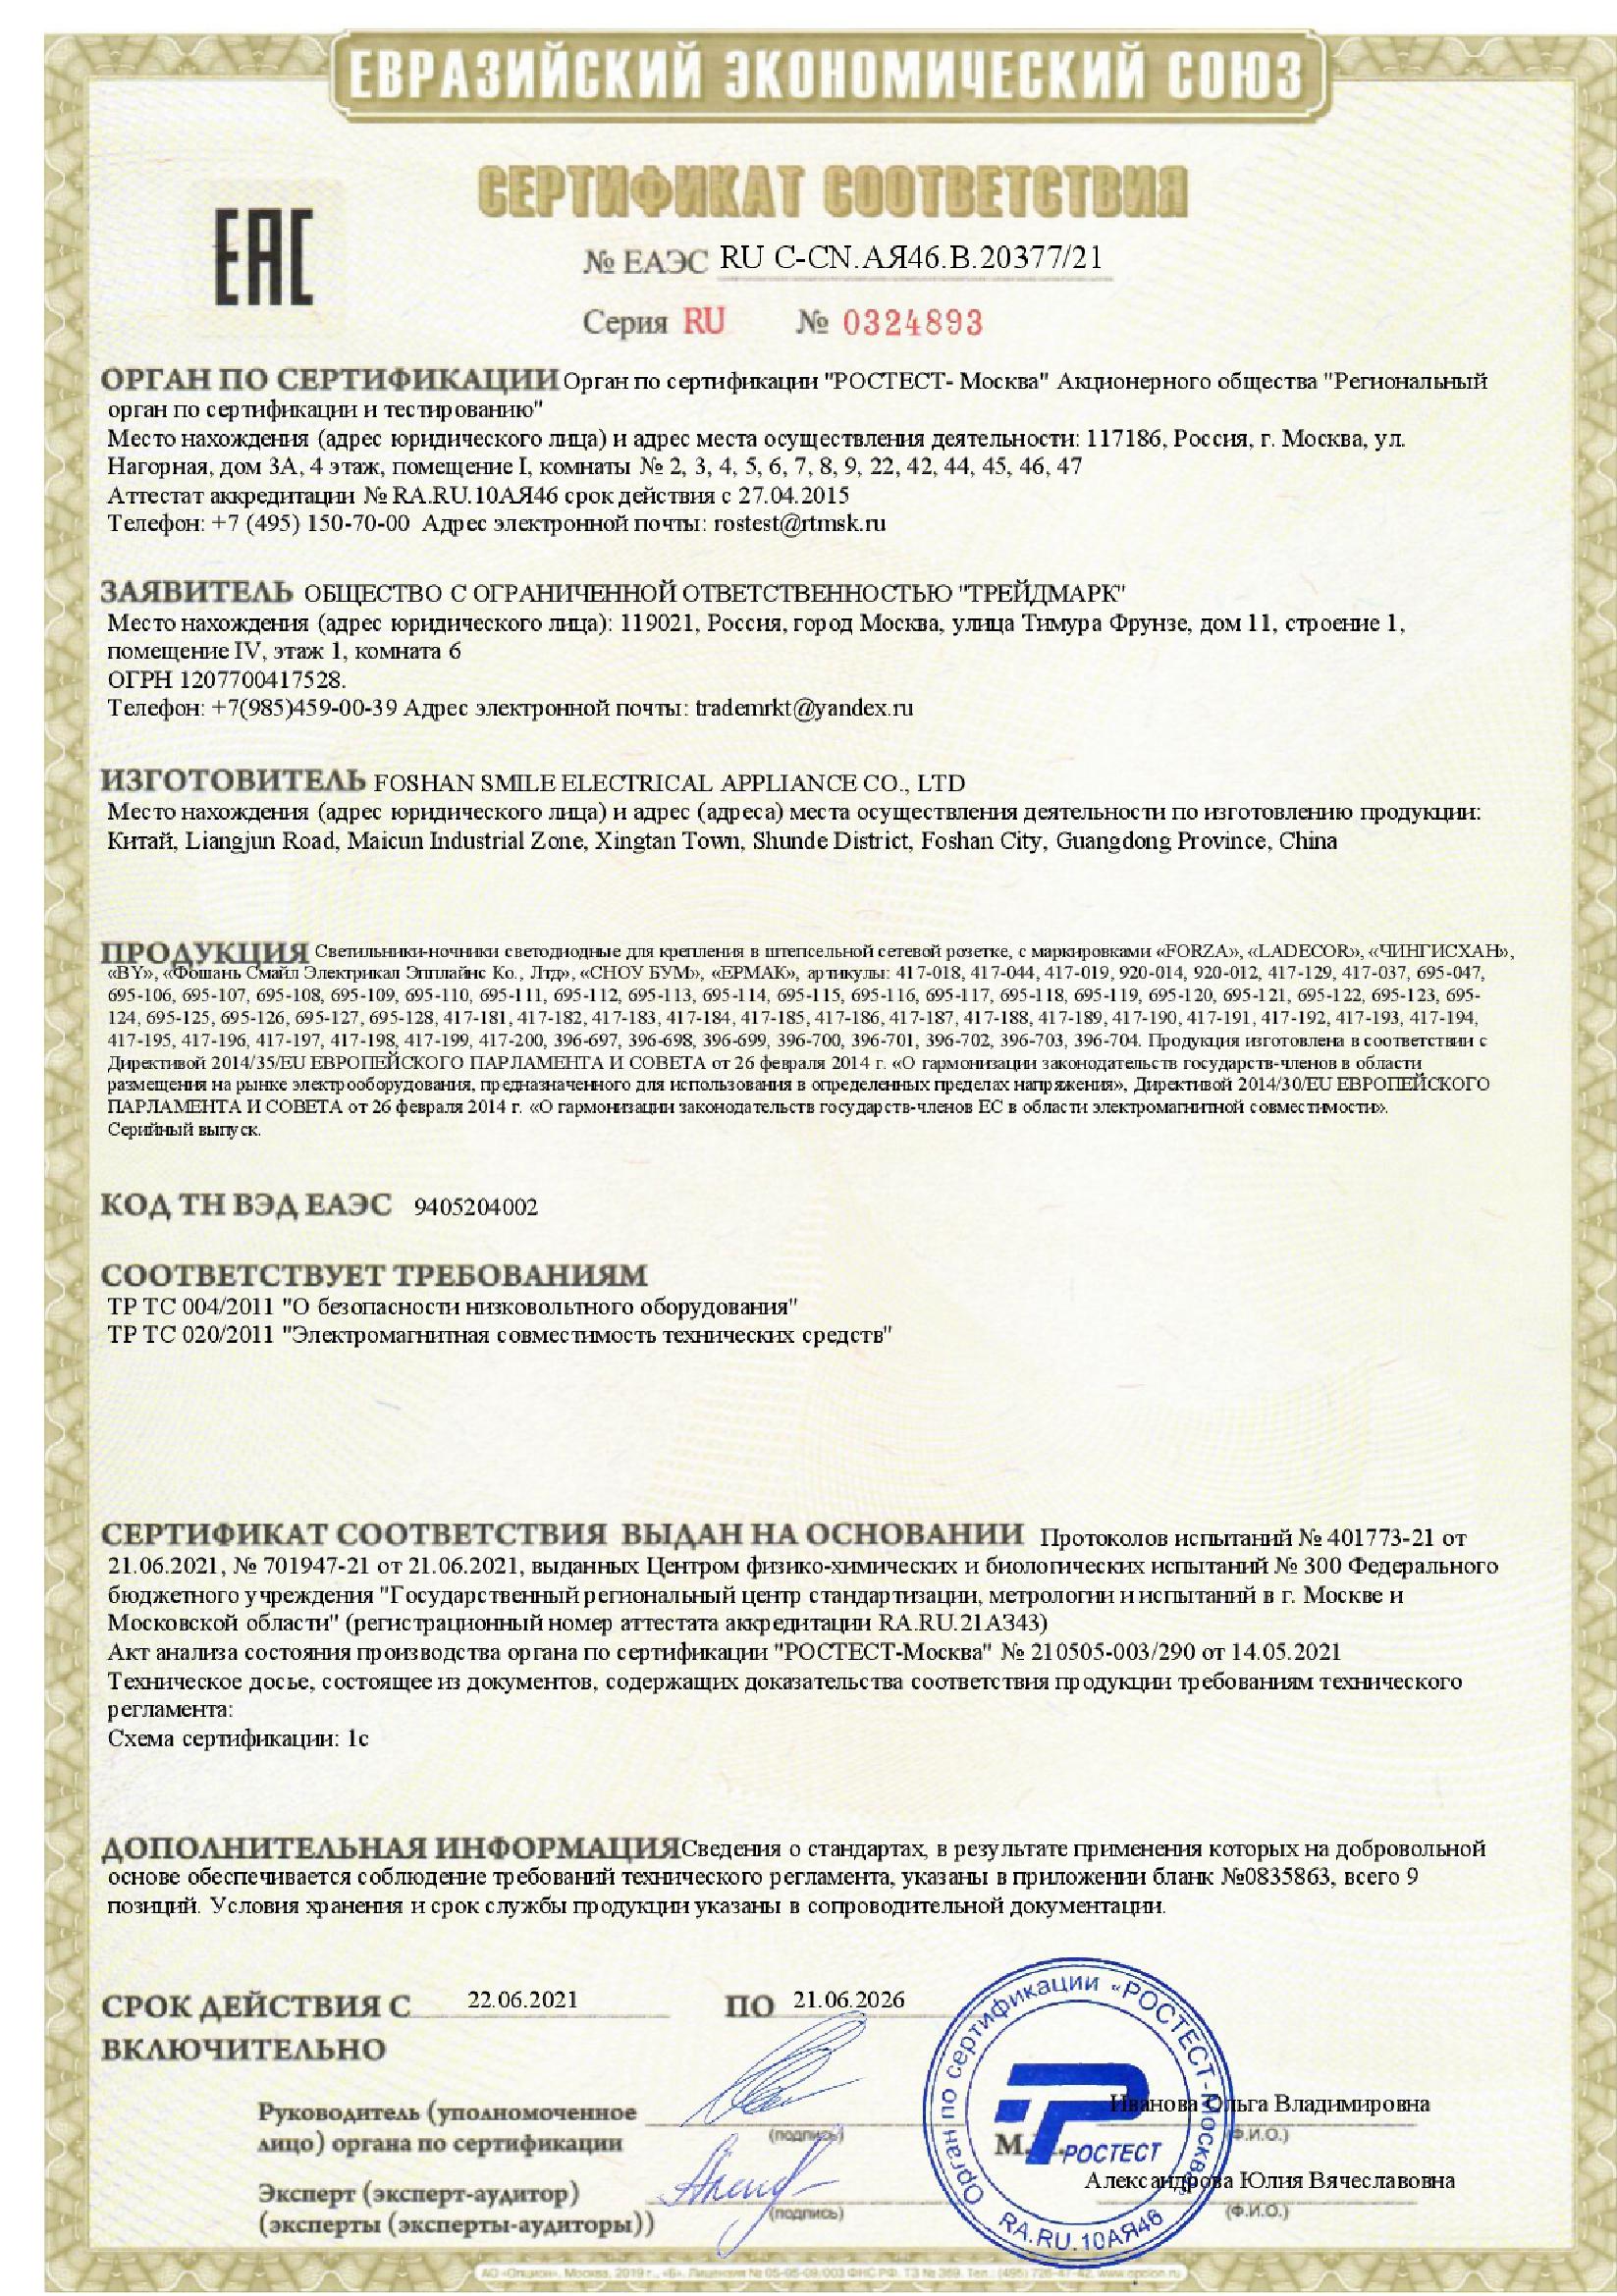 RUS-CN.AJa46.V.20377_21.jpg